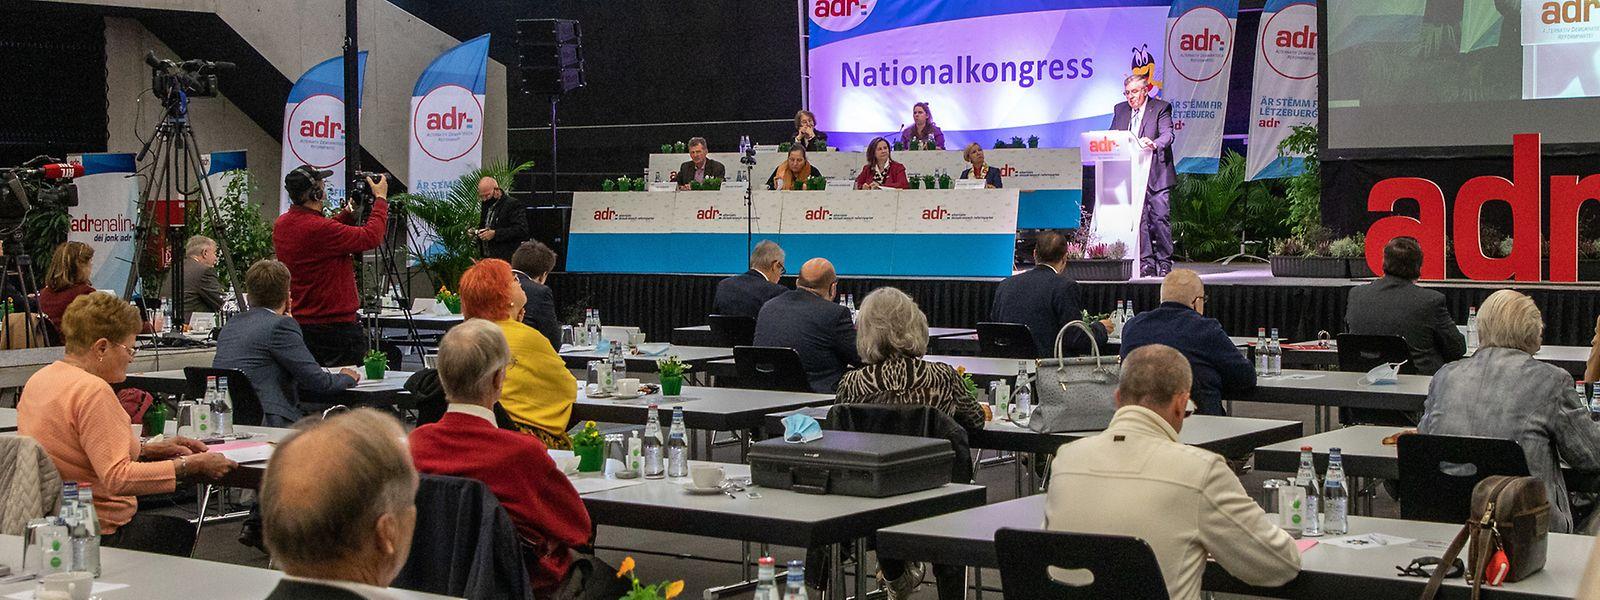 Ils étaient plus d'une centaine de membres à prendre part au congrès national.